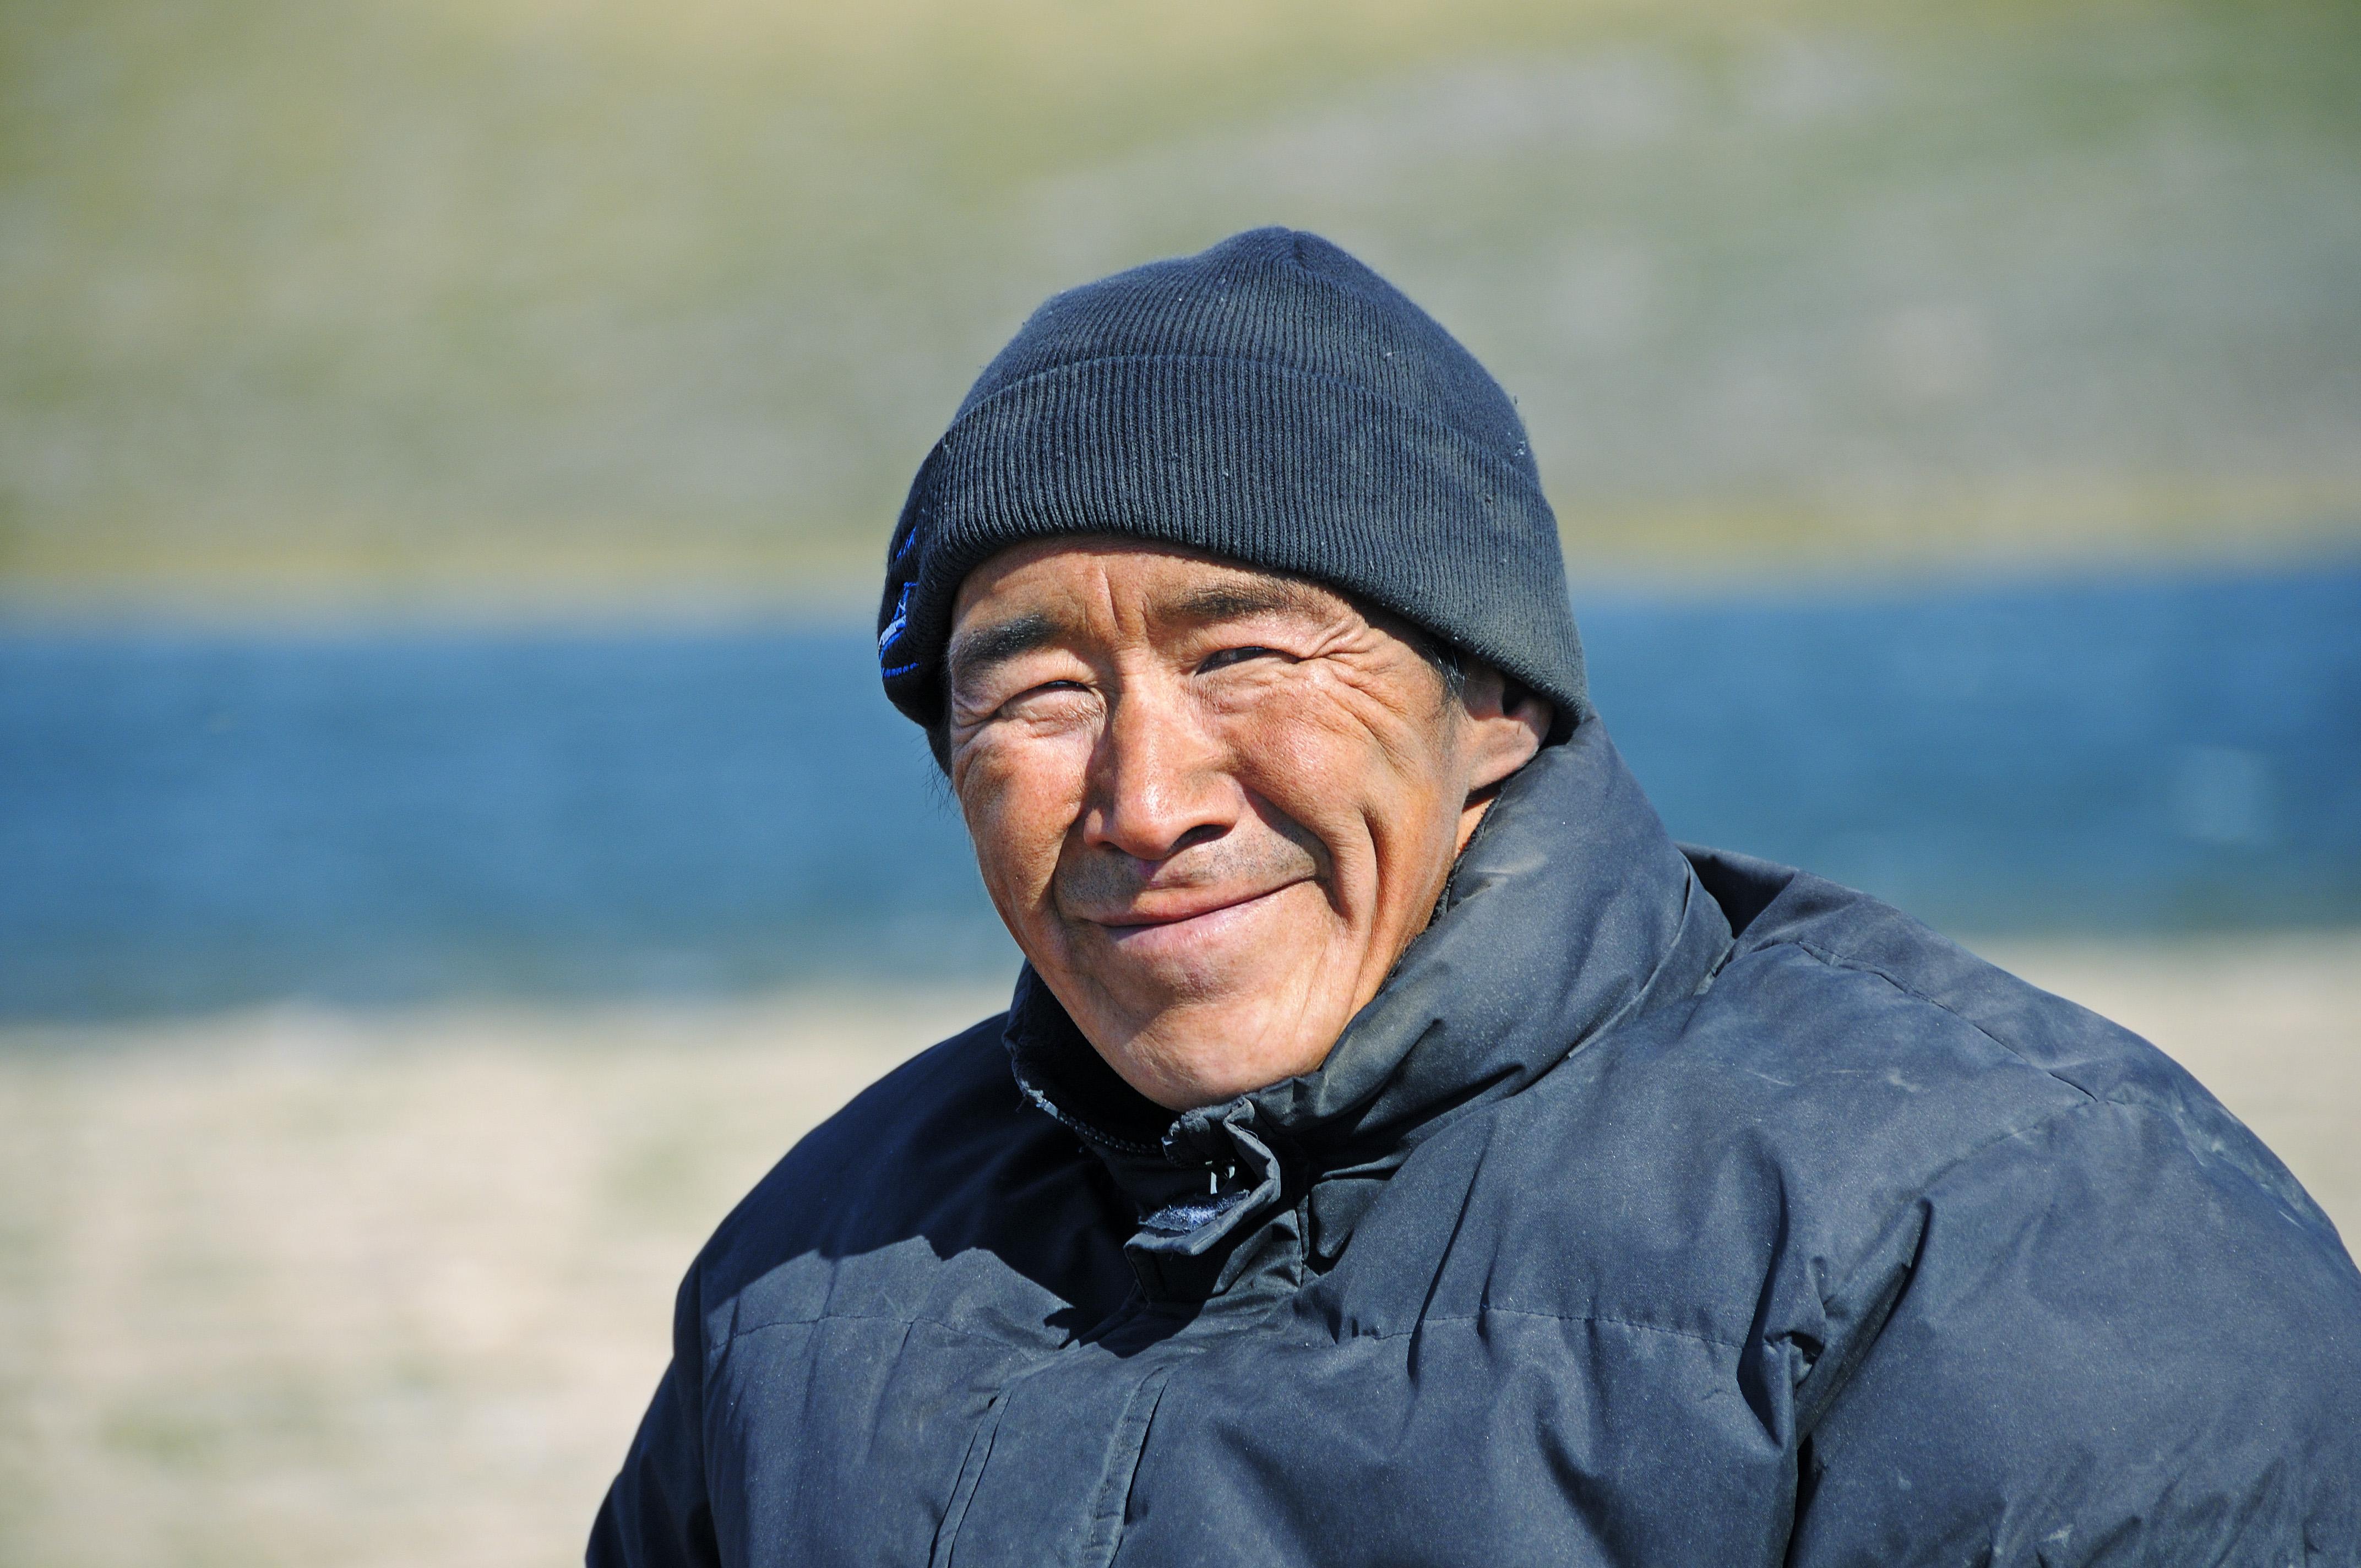 Portrait eines Mann vom Volk der Inuit, Victoria Island (vorher Holman Island), Dorf Ulukhaktok, Northwest Territories, Kanada, Amerika